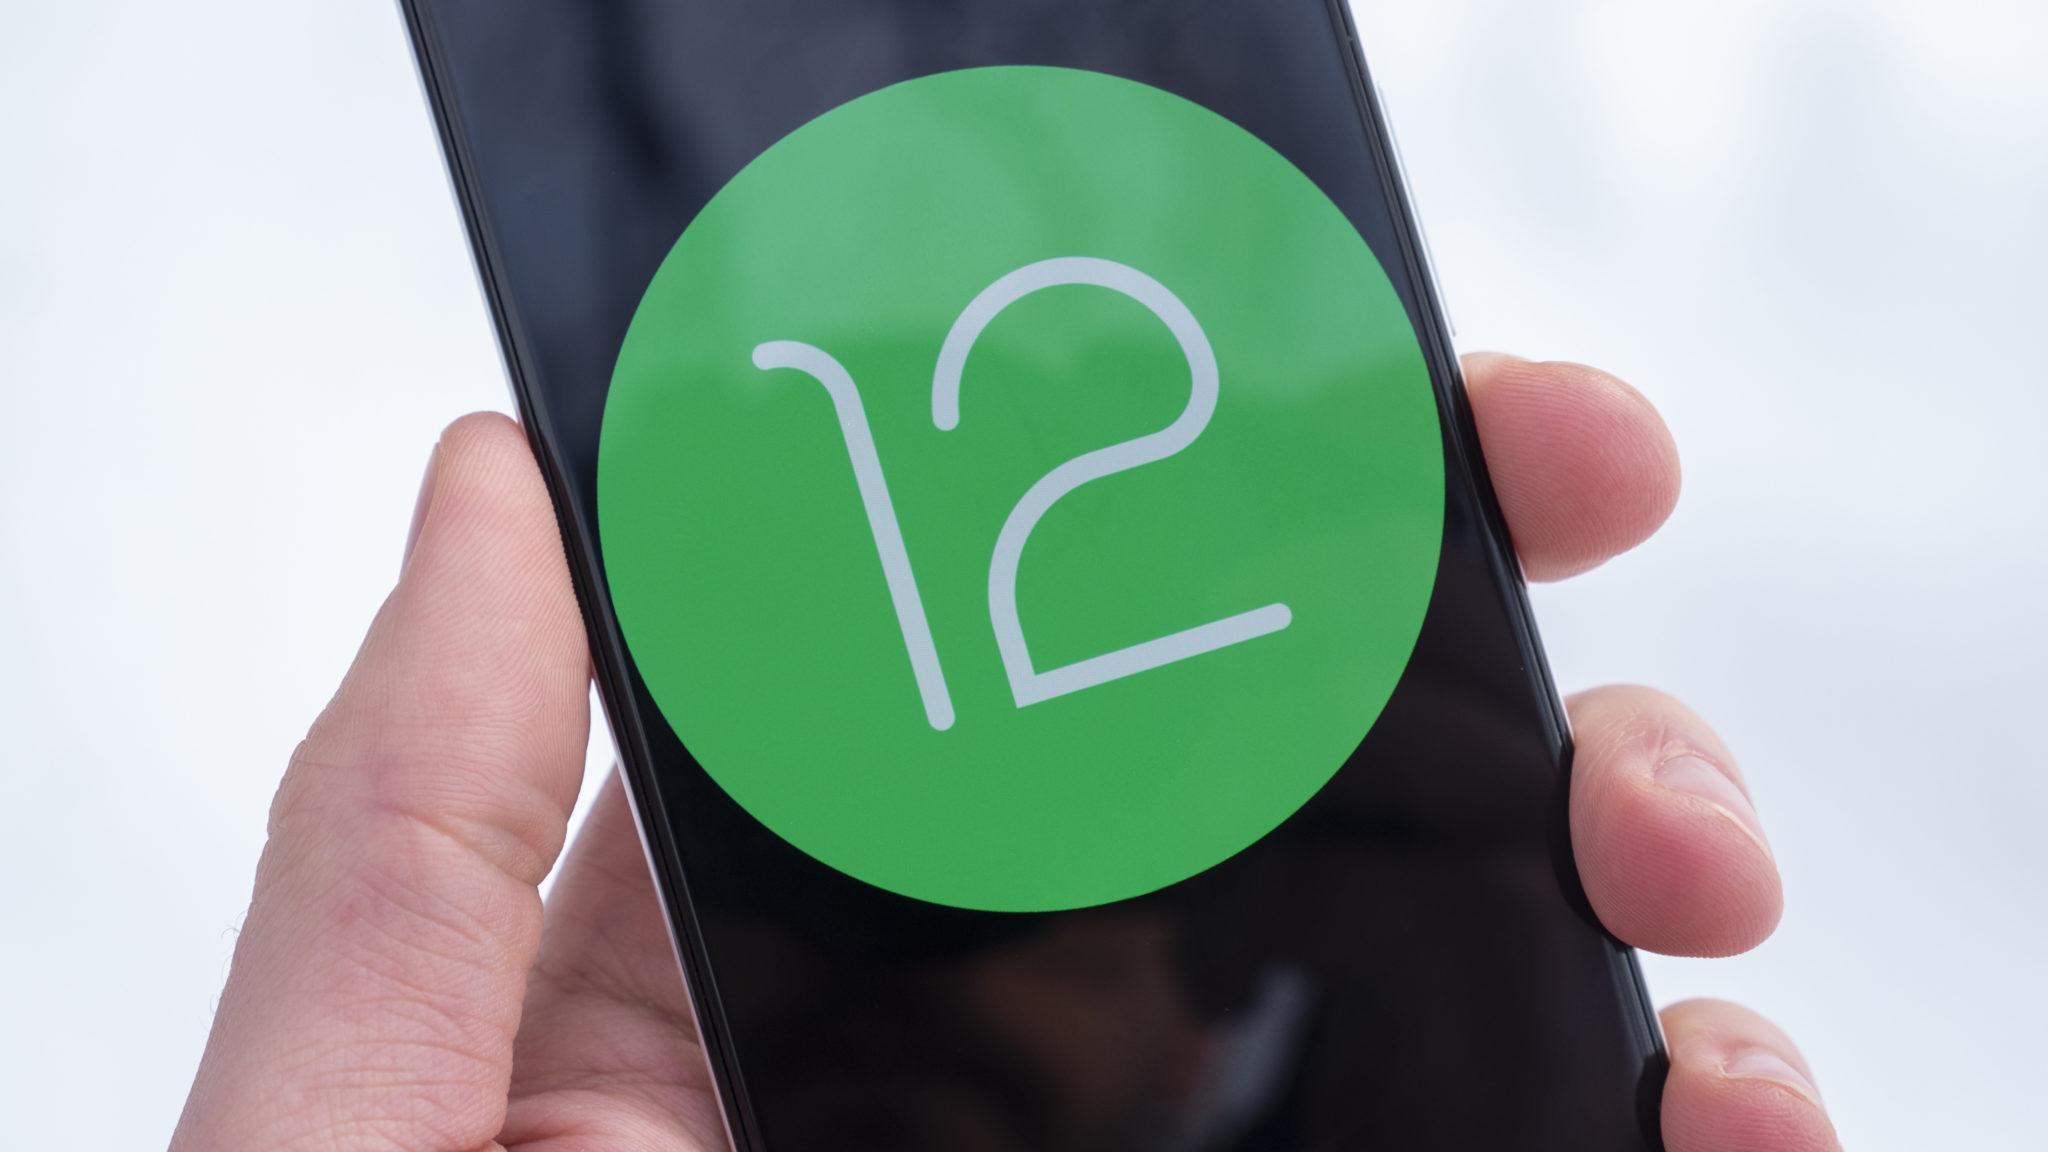 Đây là cách Android 12 đưa các ứng dụng không sử dụng vào chế độ ngủ đông để giải phóng dung lượng